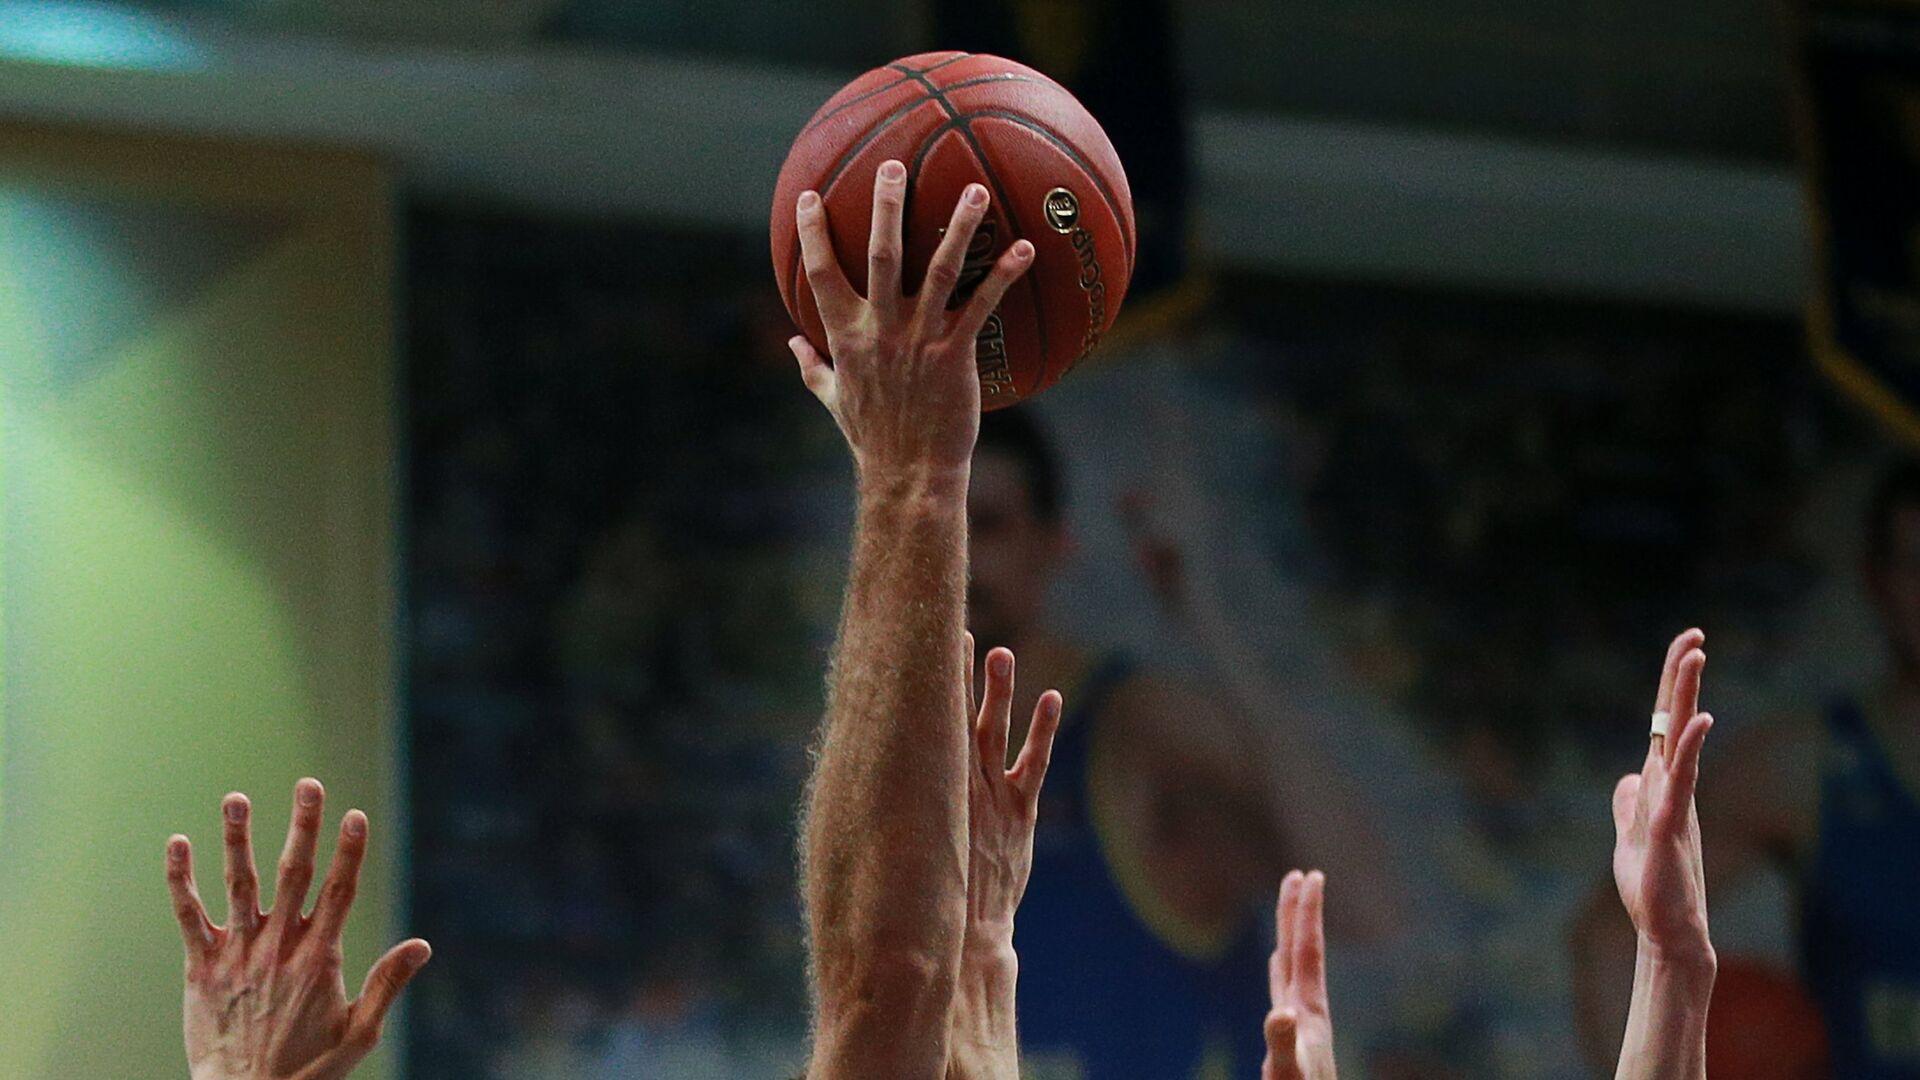 Баскетбольный мяч Евролиги во время матча между Химками и Баварией - РИА Новости, 1920, 28.07.2021